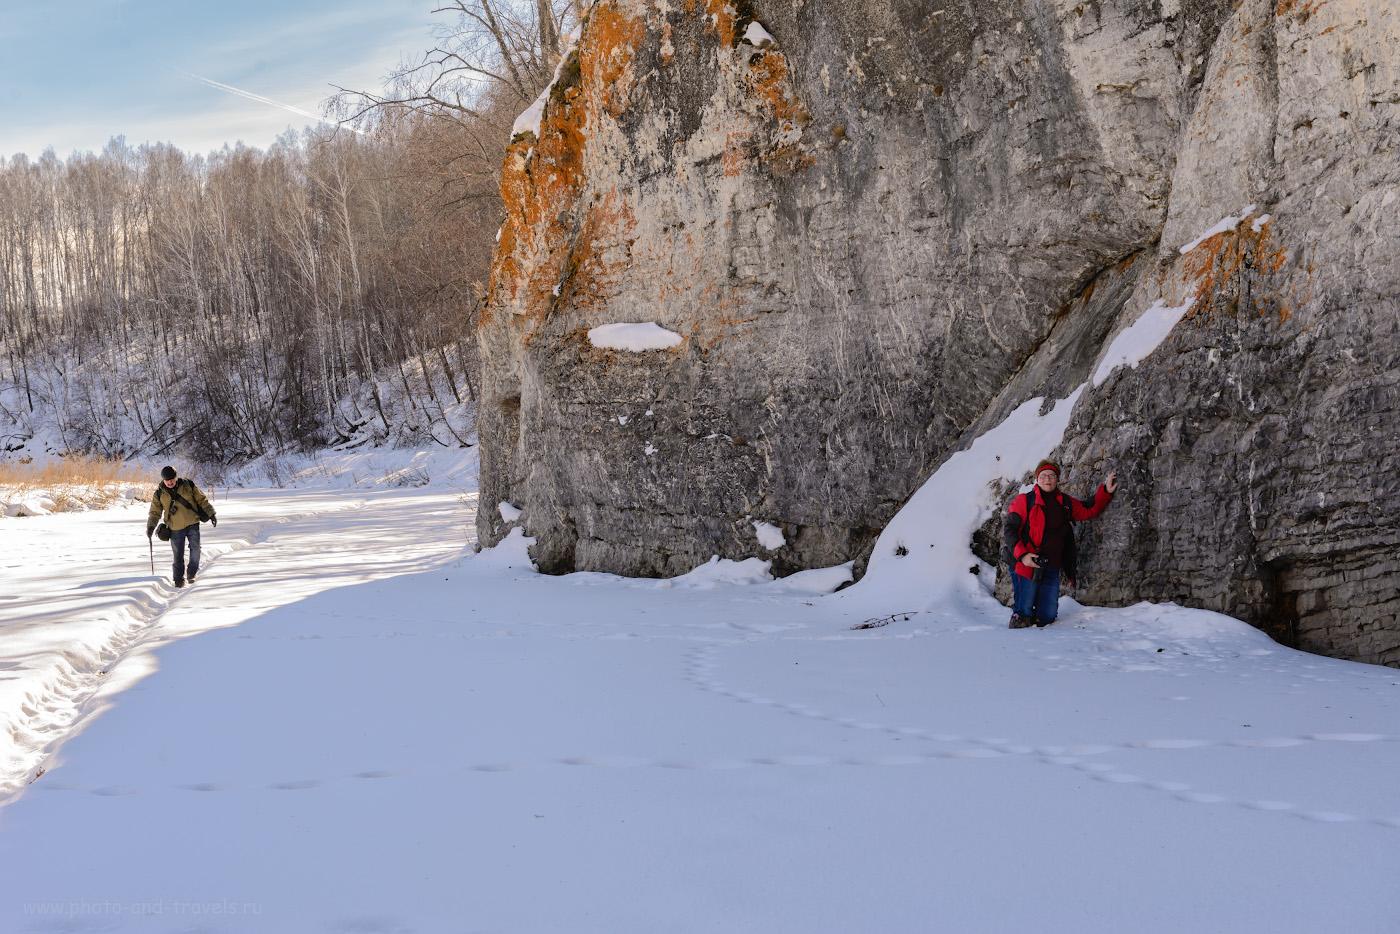 Фотография 23. Где-то на Урале. Как мы искали Зотинскую пещеру. 1/100, +0.67, 8.0, 250, 48.